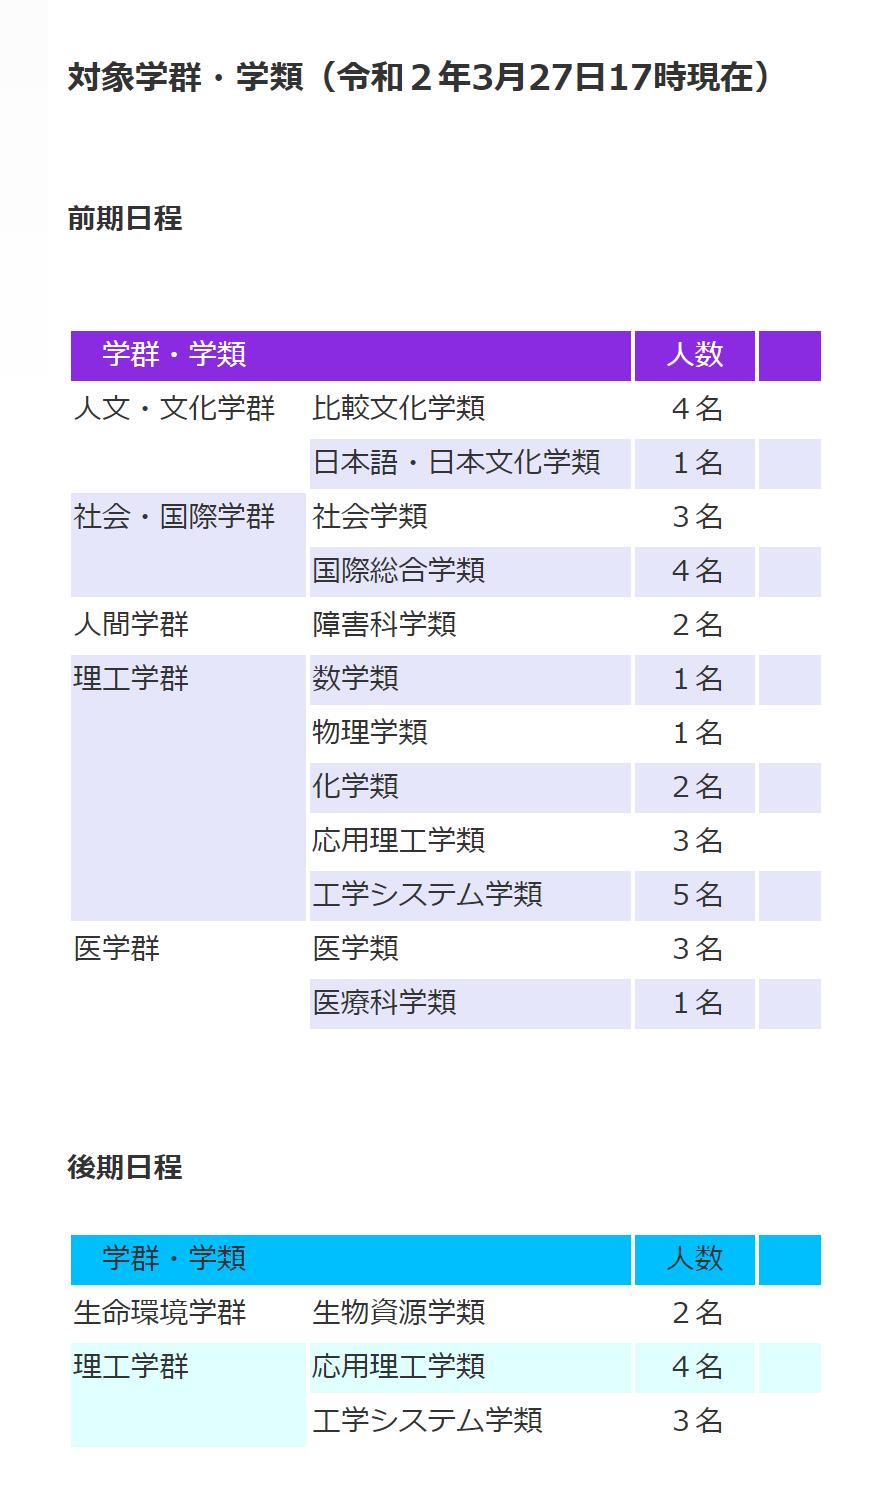 筑波大学追加合格